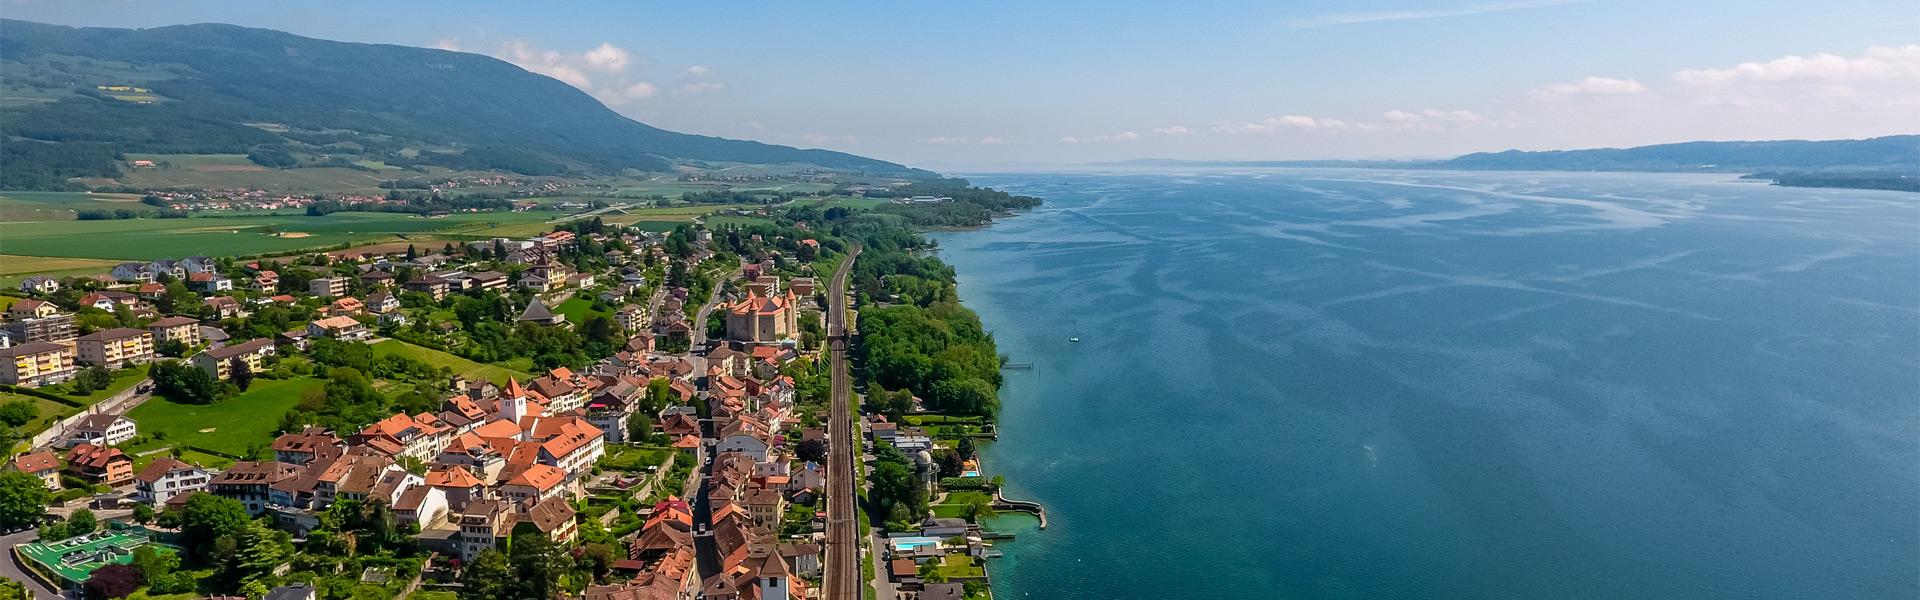 Examen du permis bateau au lac de Neuchâtel